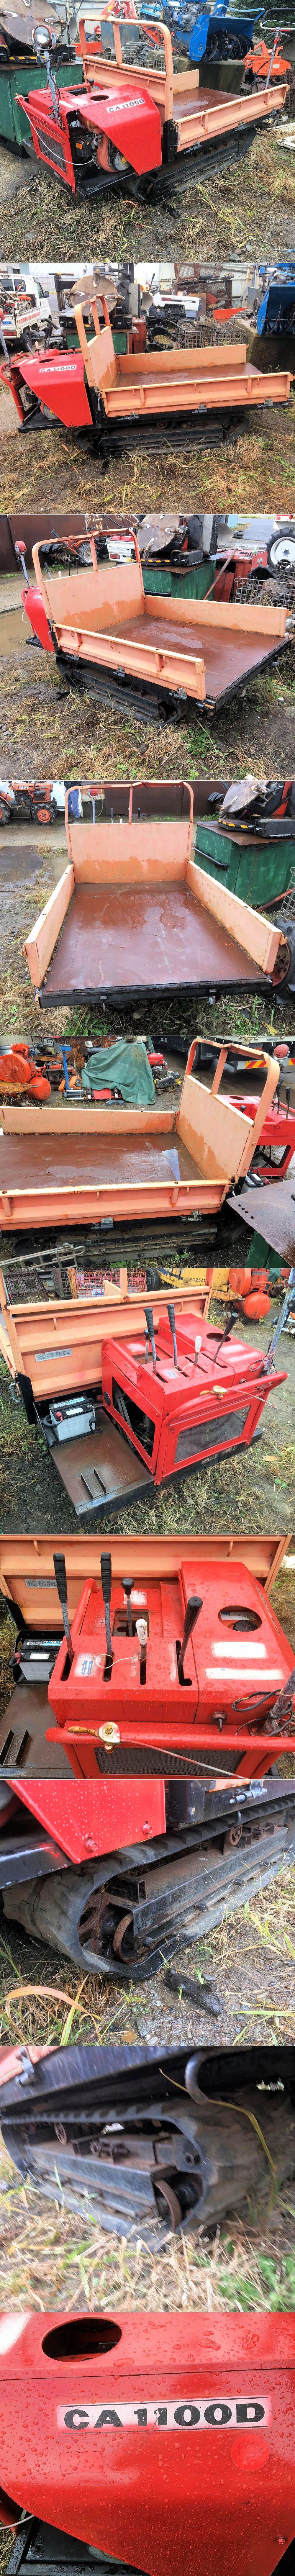 コンマ 乗用 油圧ダンプ 運搬車 CA1100D ガソリン 7馬力 セル付 実働 中古